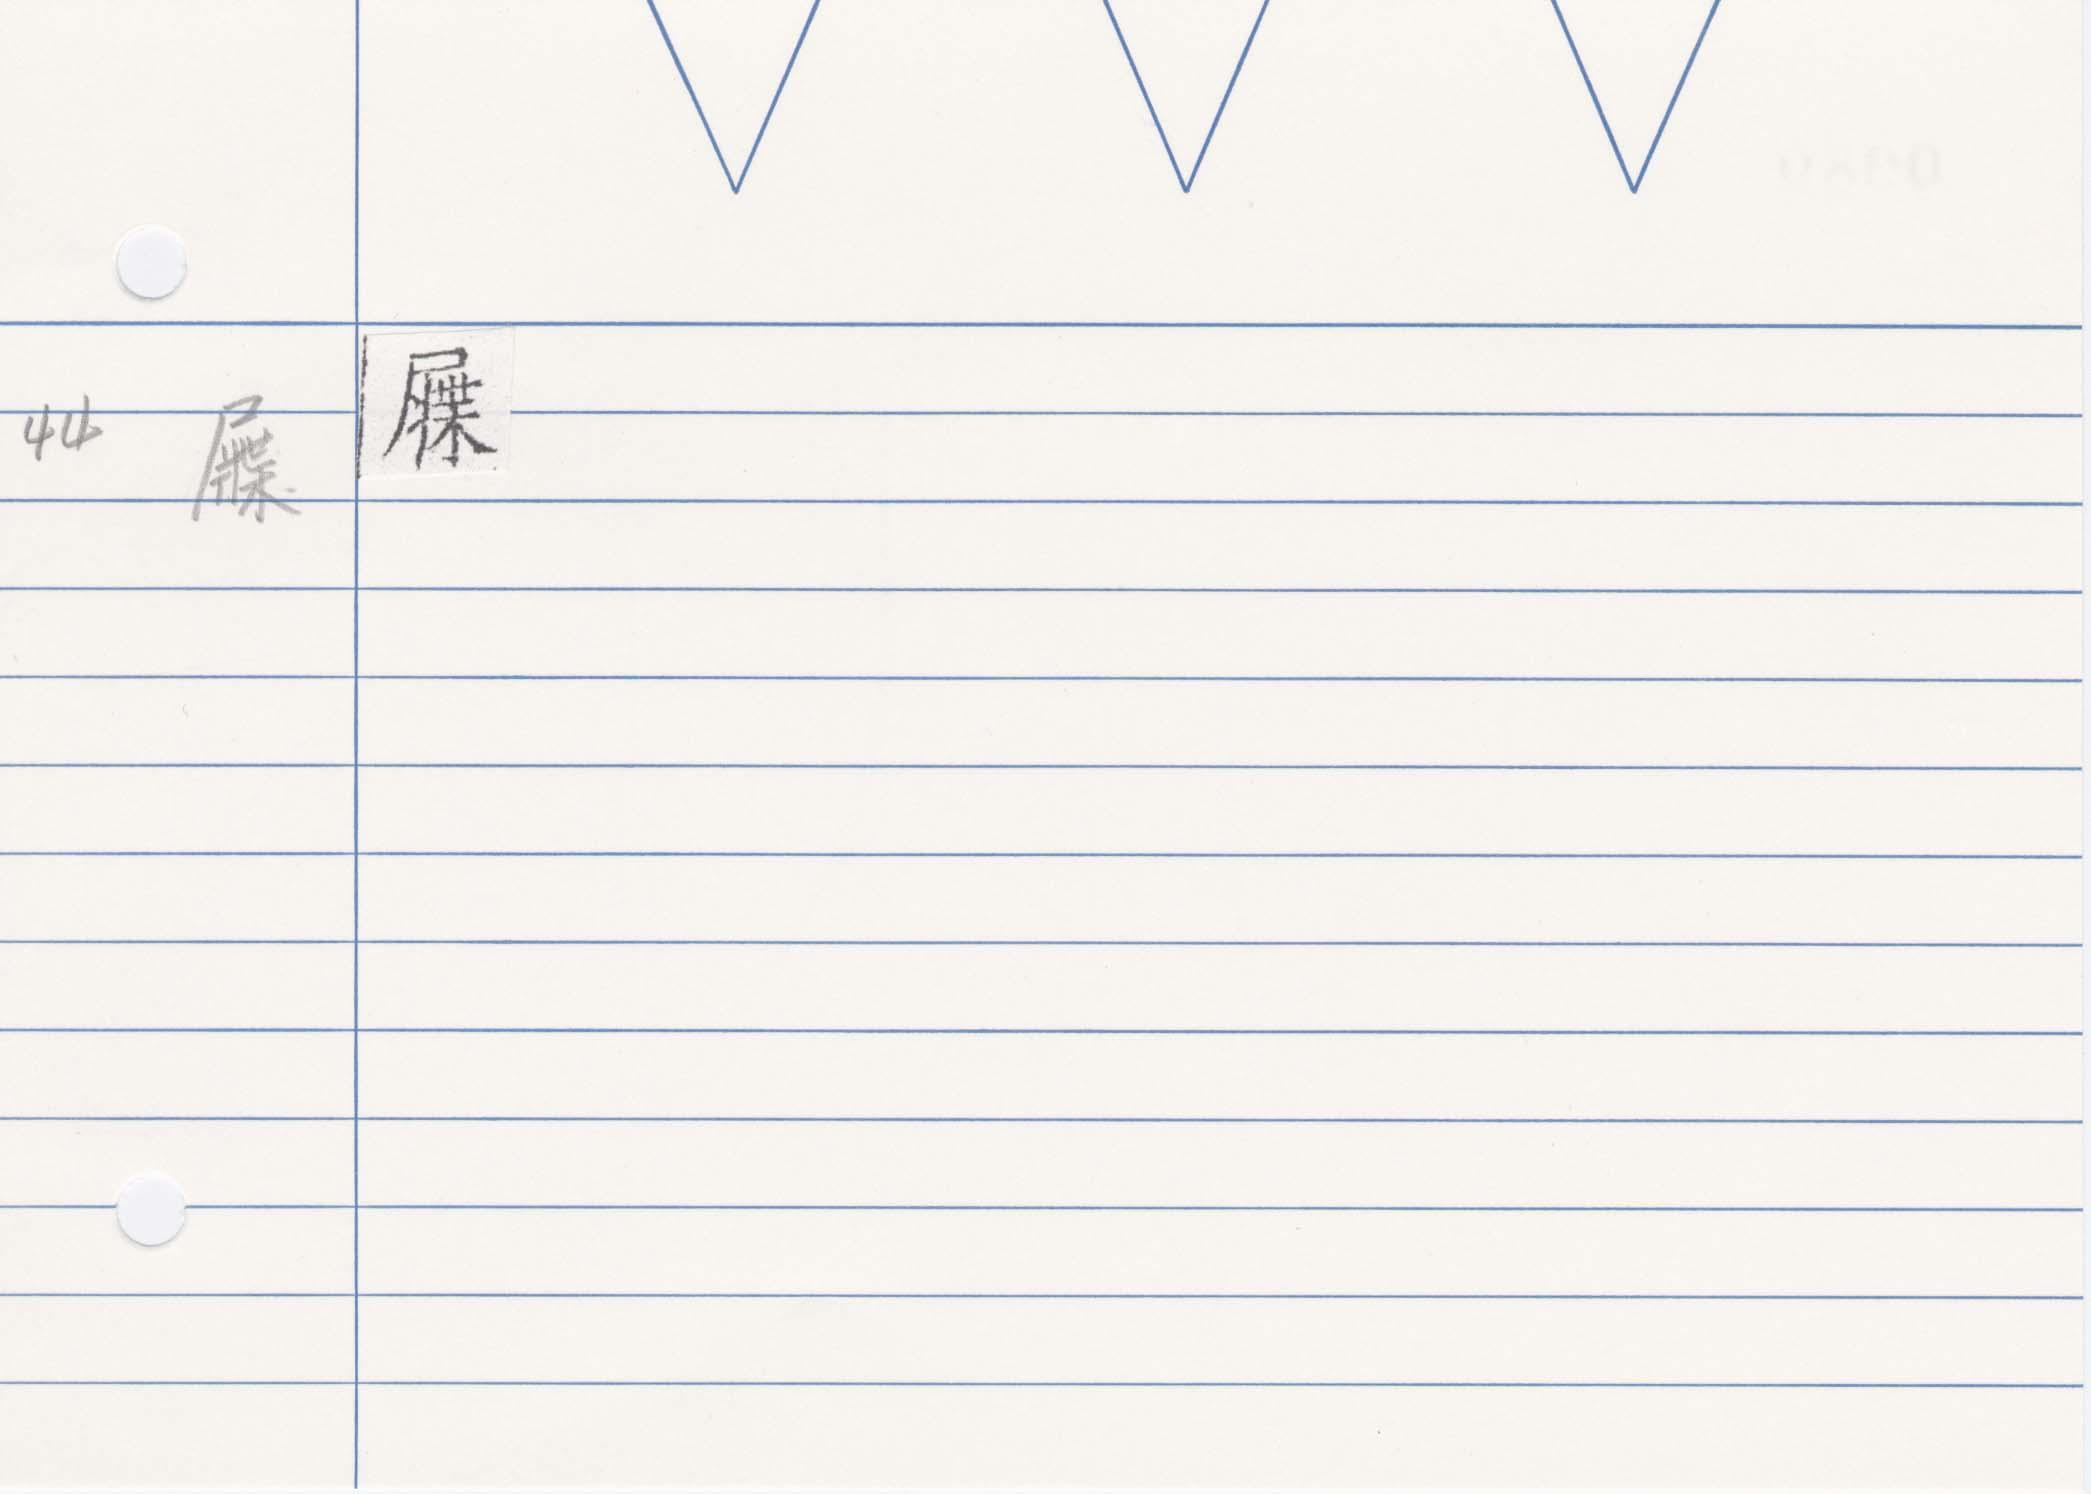 26_齊民要術卷五(高山寺本)/cards/0080.jpg